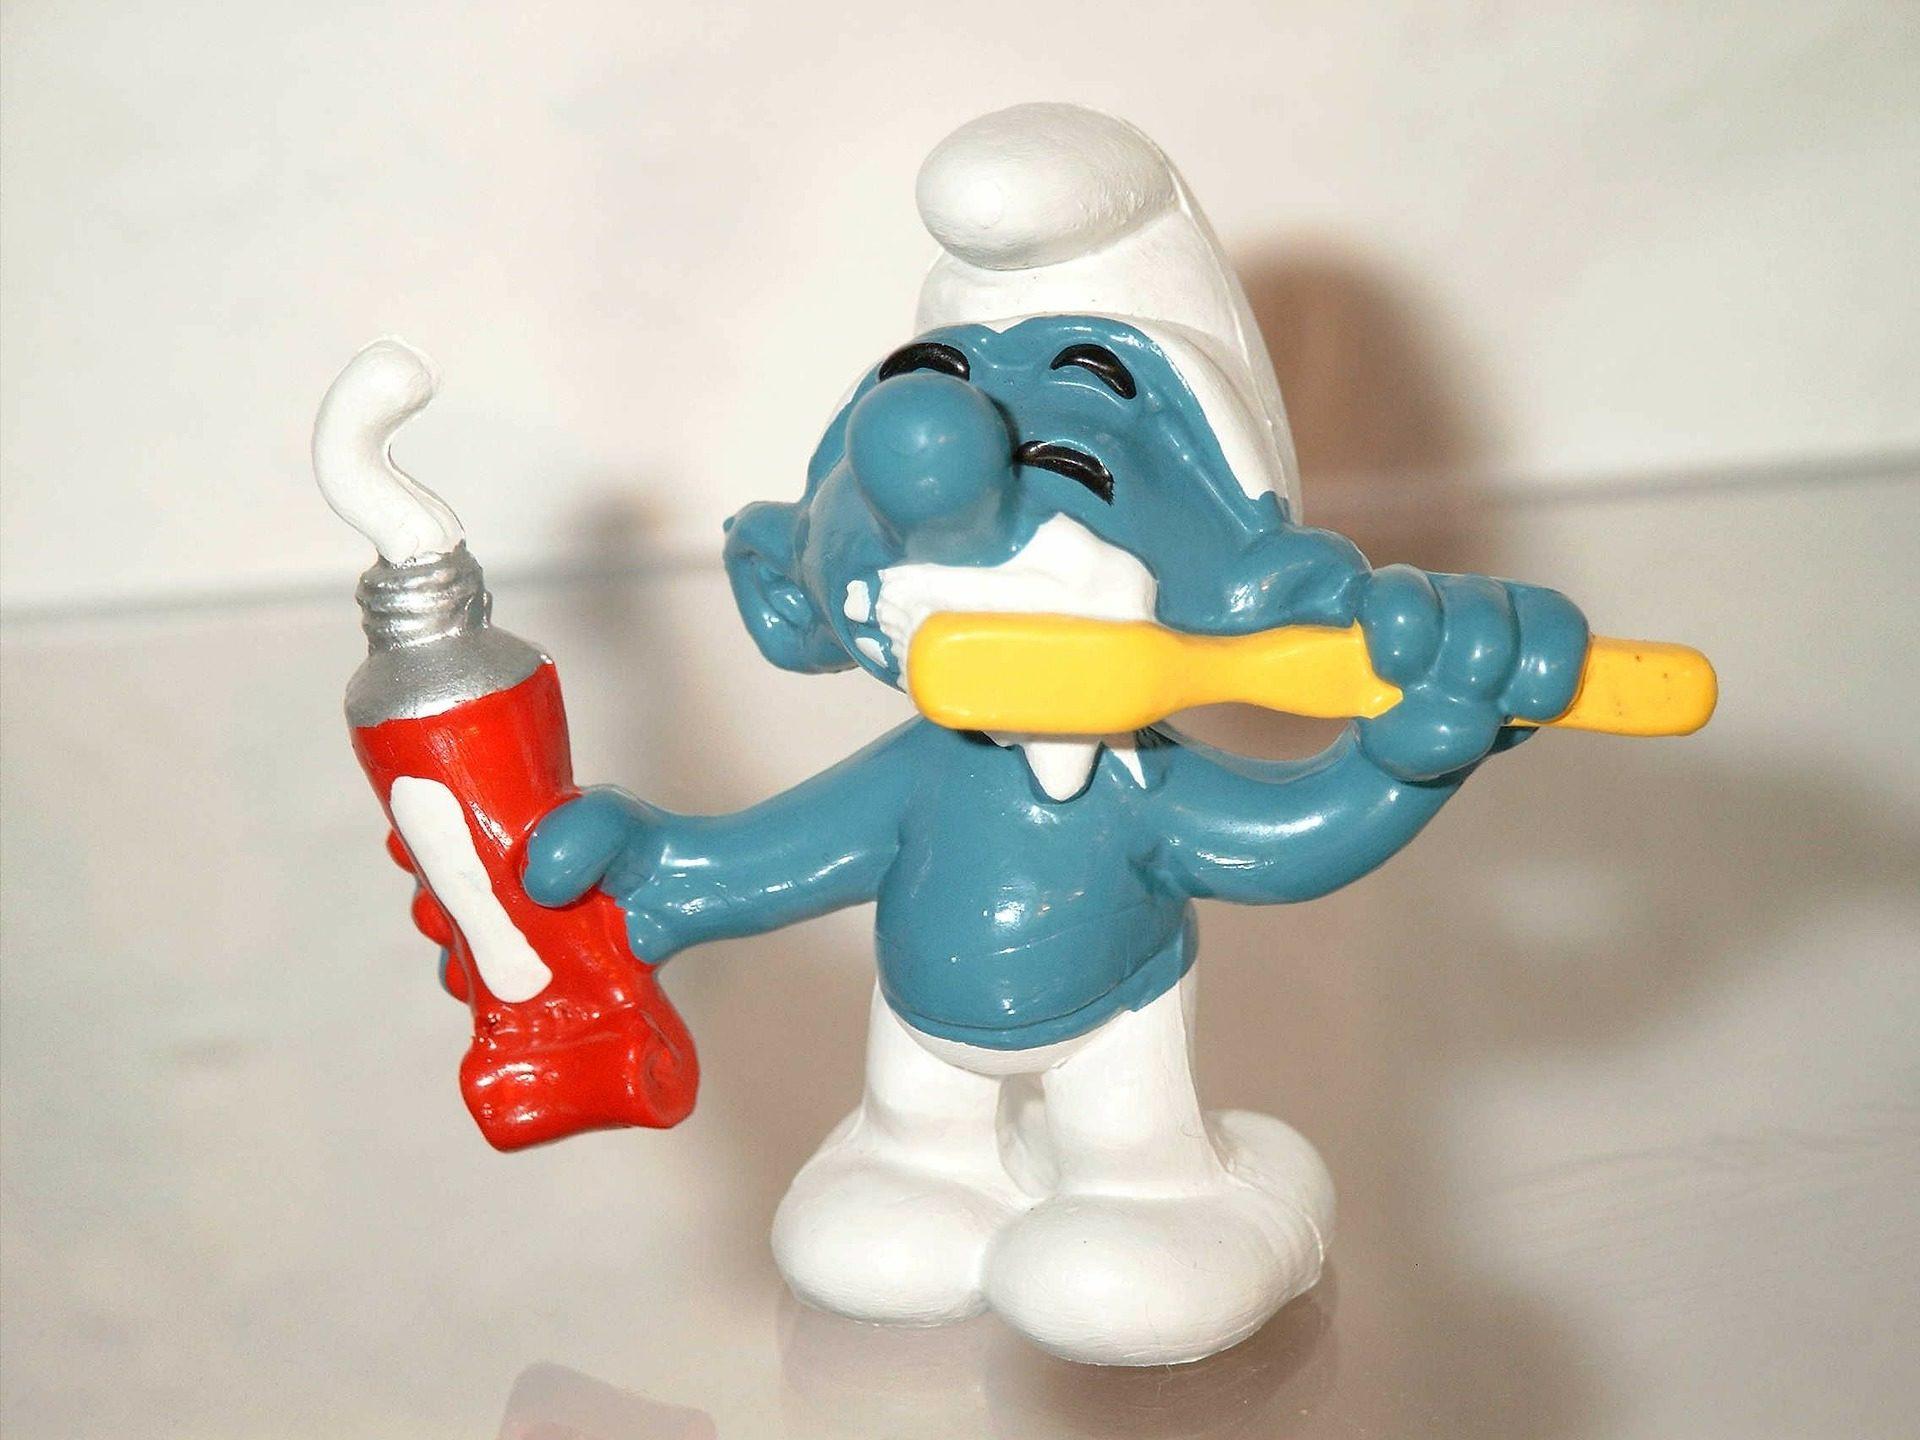 Zahnputz-Schlumpf mit Bürste und Tube